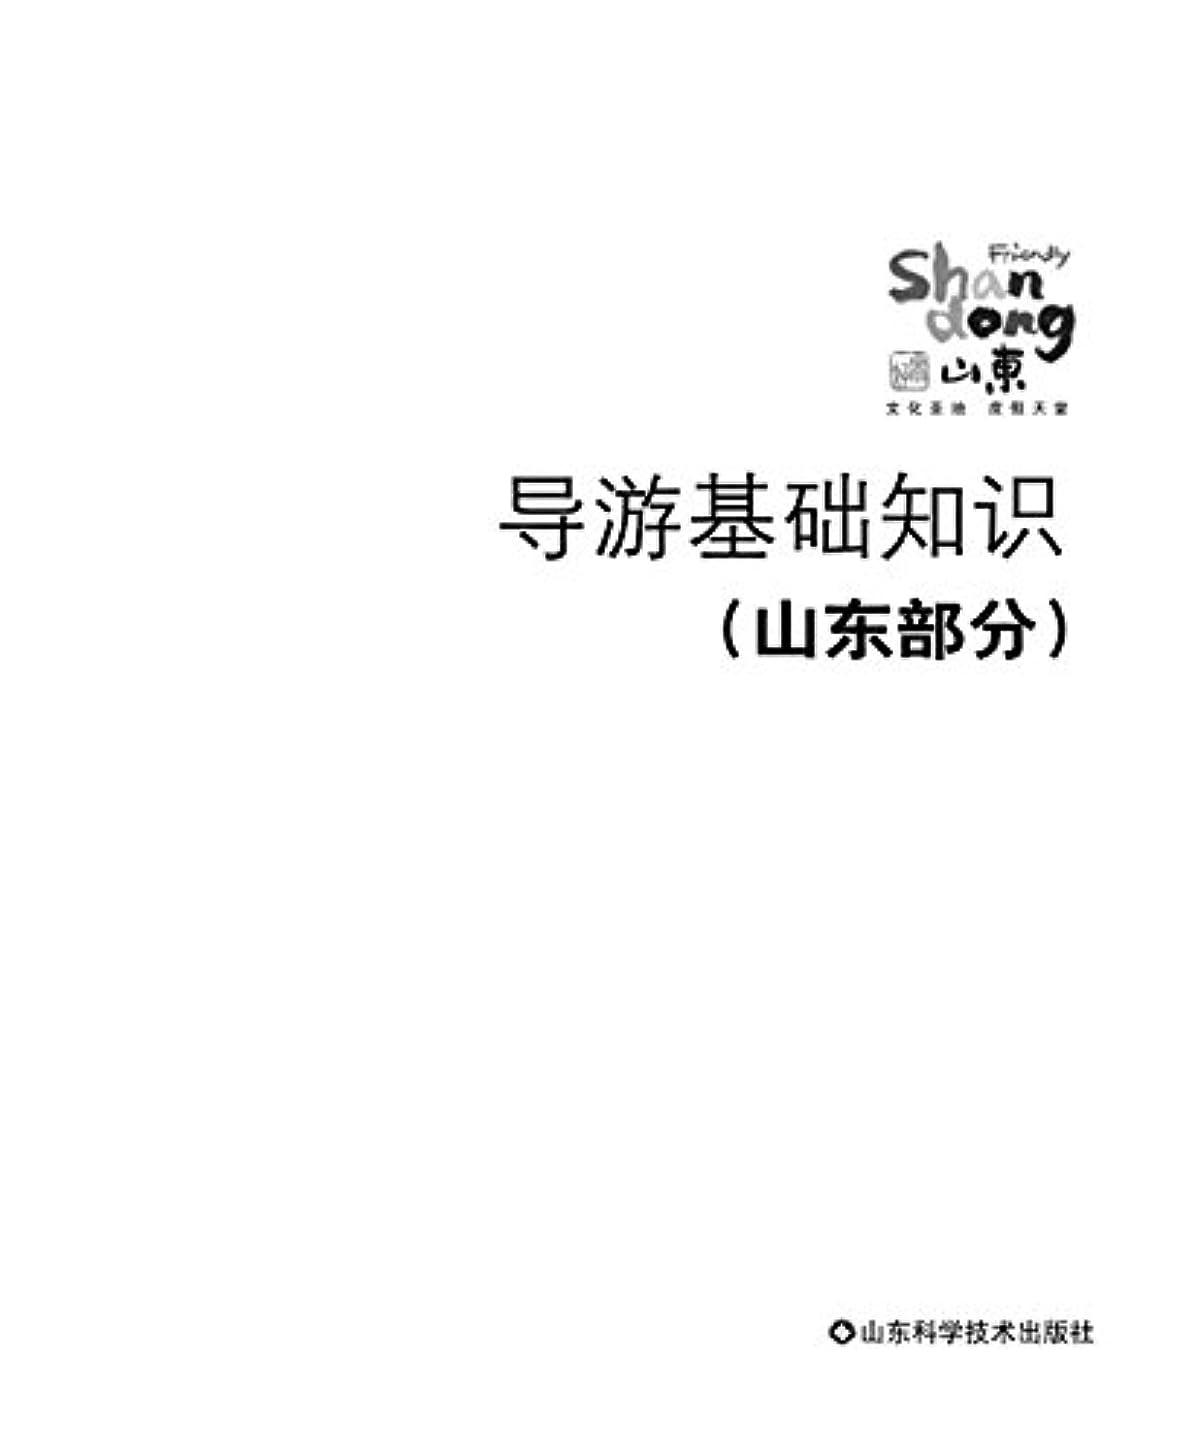 登録するインフルエンザ配分导游基础知识.山东部分 (Chinese Edition)